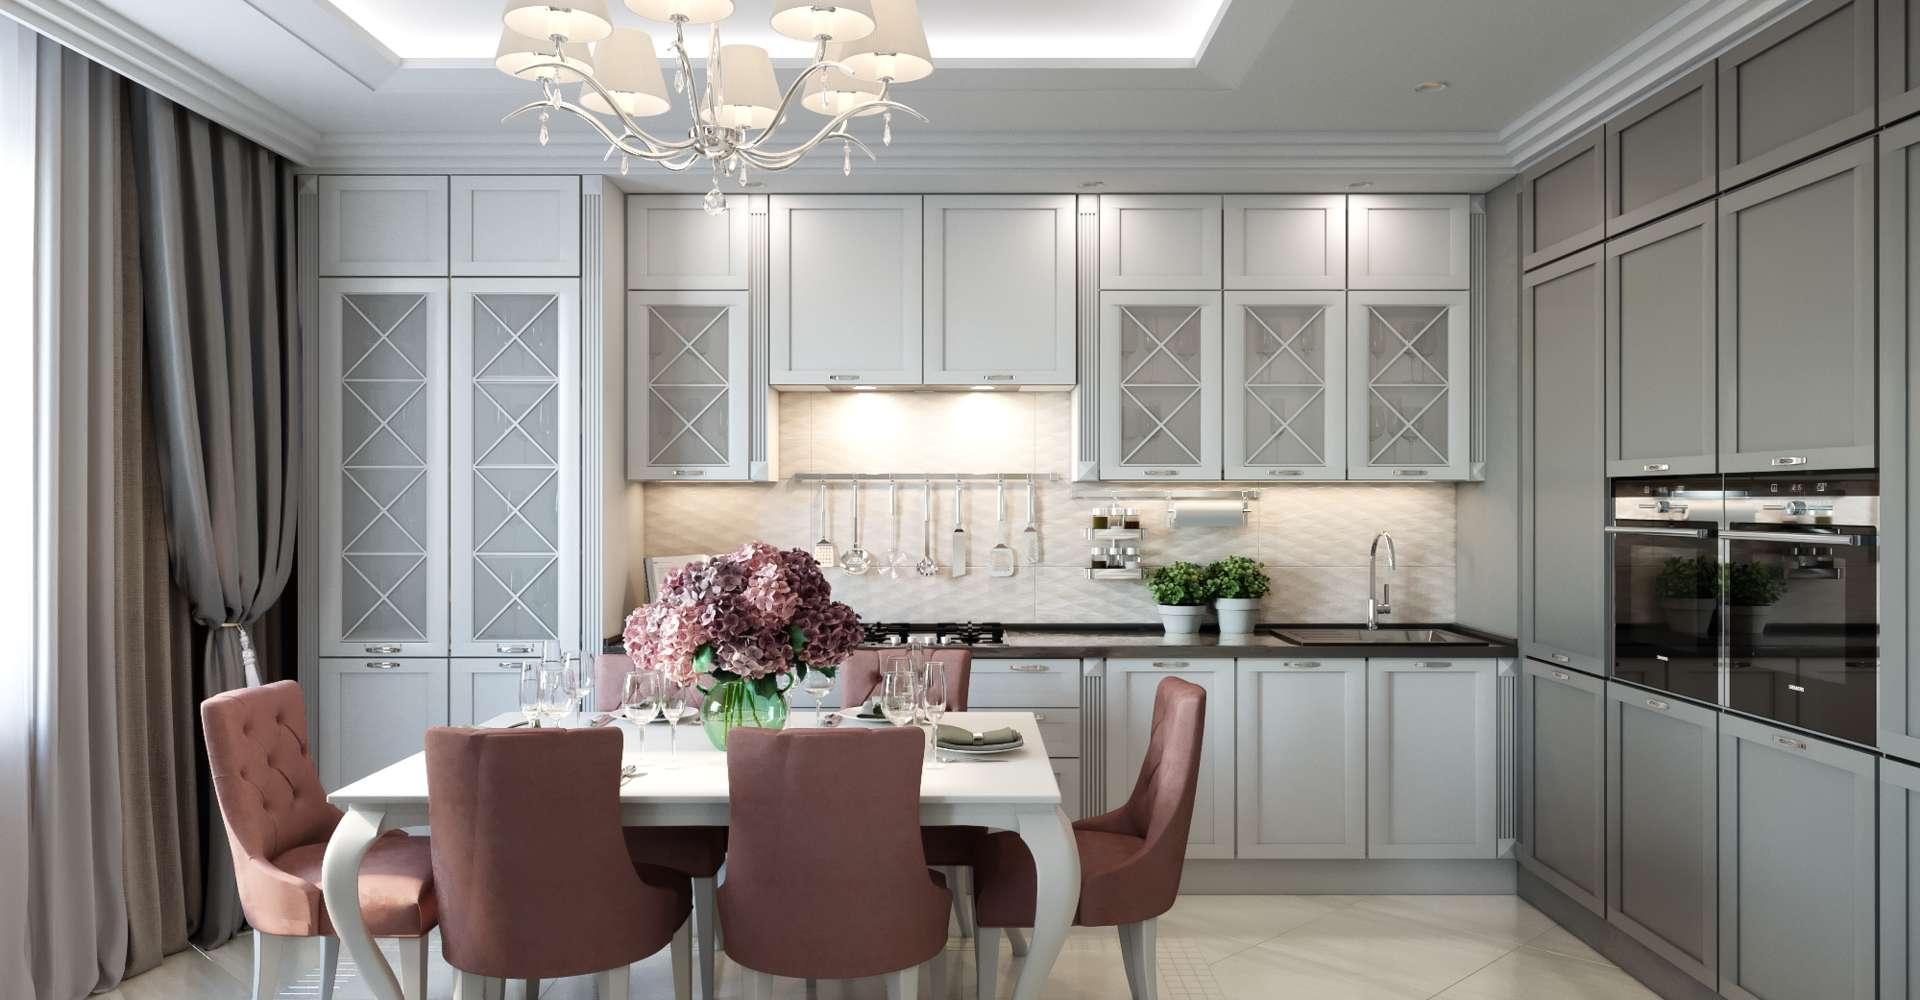 Кухни с патиной в интерьере: роскошные фасады «под старину», стили, цвета, фото